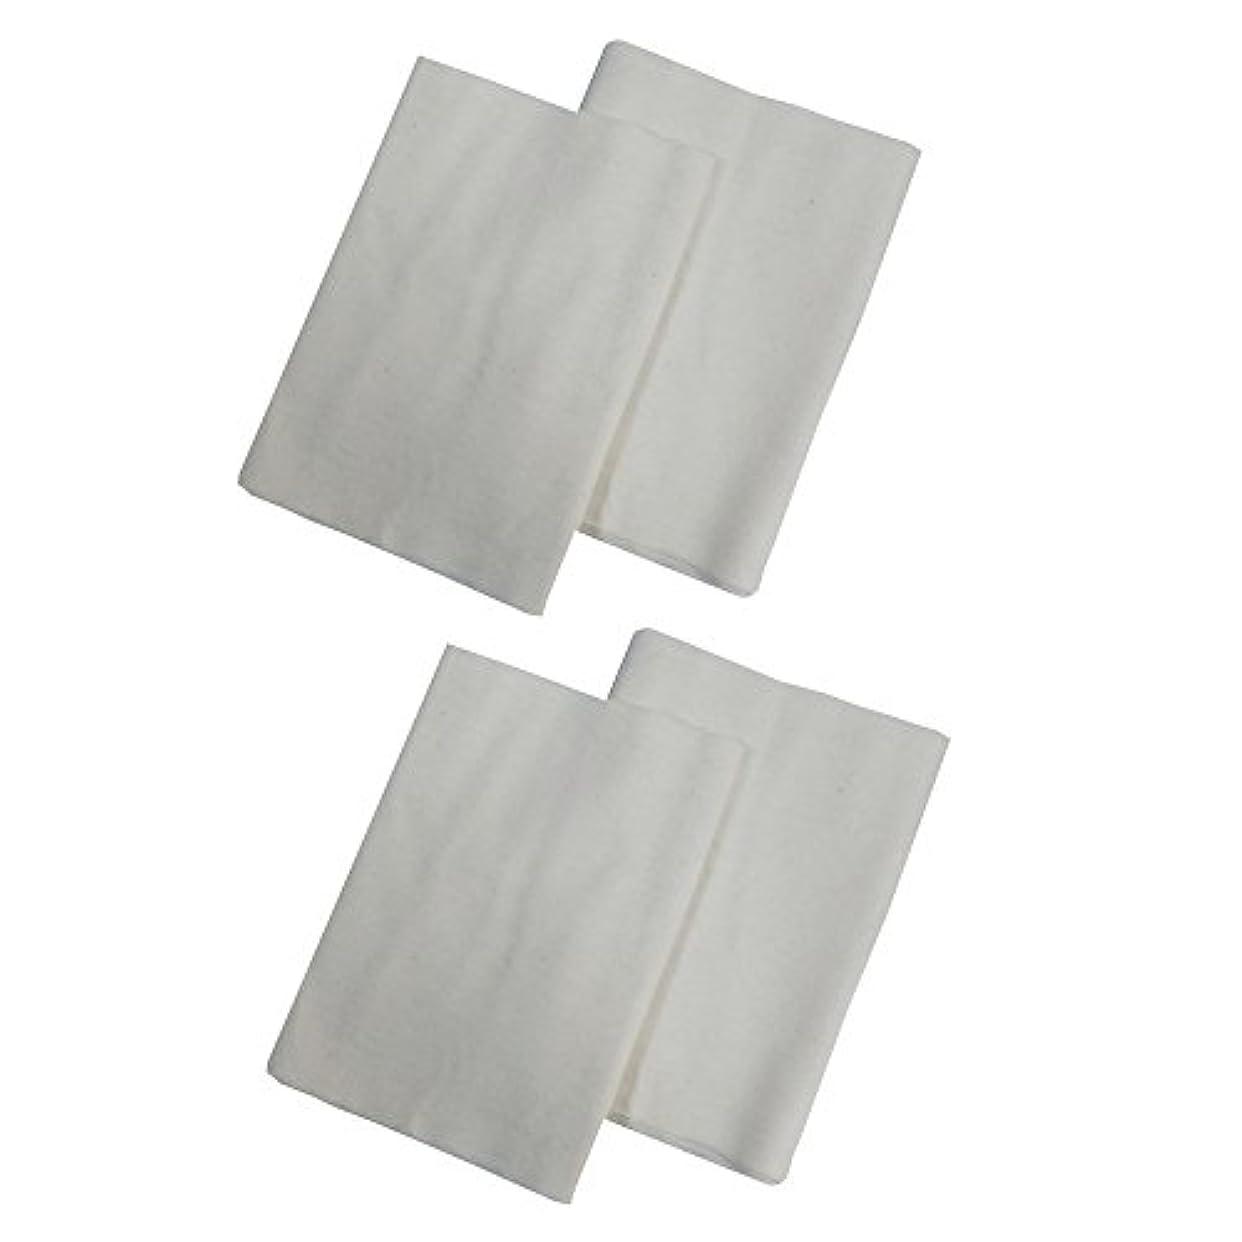 ブラウン分布断線コットンフランネル4枚組(ヒマシ油用) 無添加 無漂白 平織 両面起毛フランネル生成